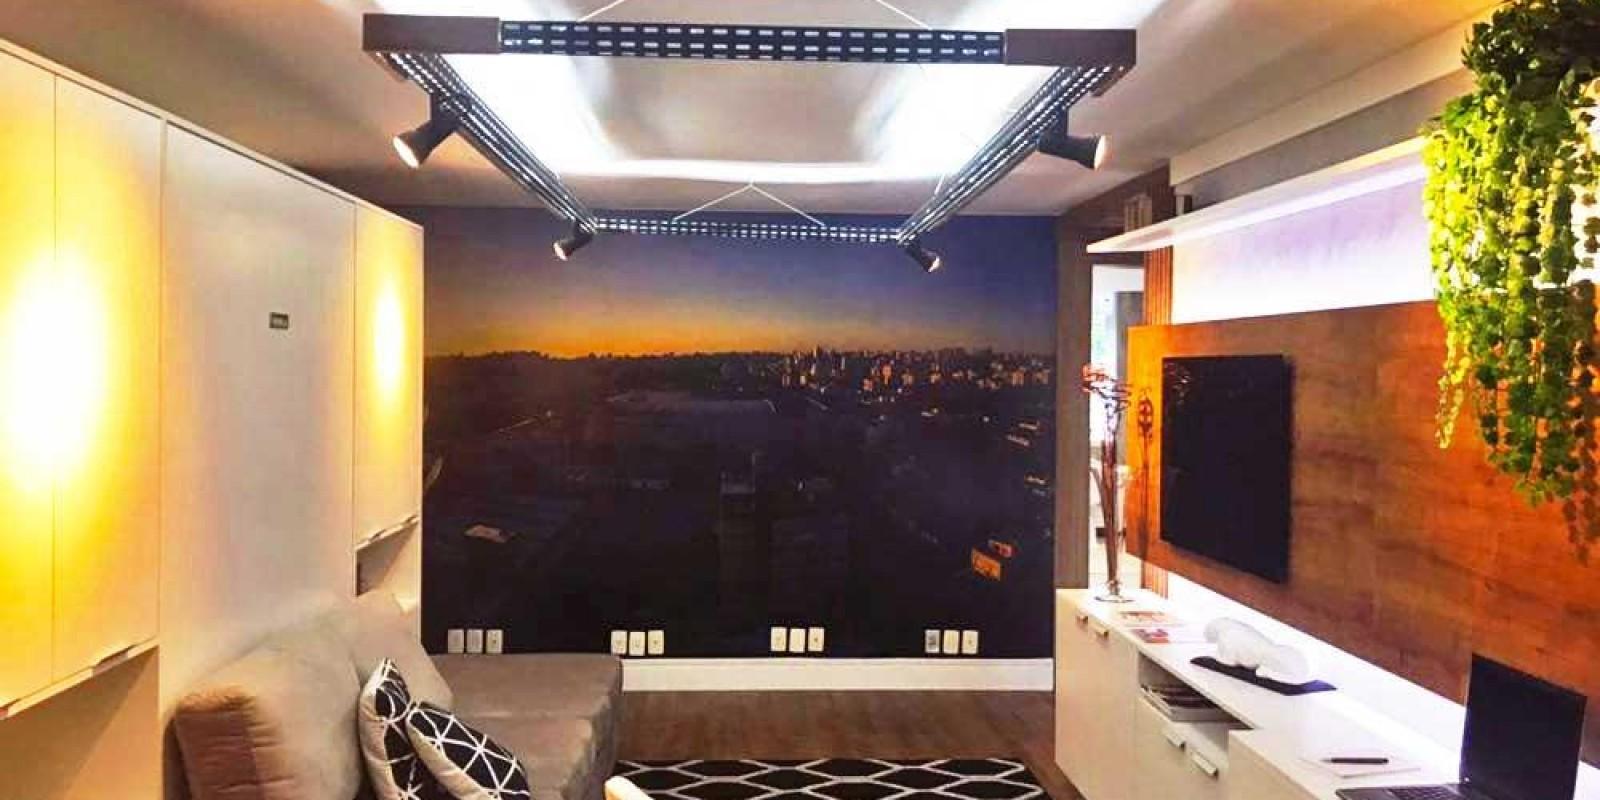 TPS Imóveis - Veja Foto 15 de 20 do Apartamento Studio Perto PUC-RS